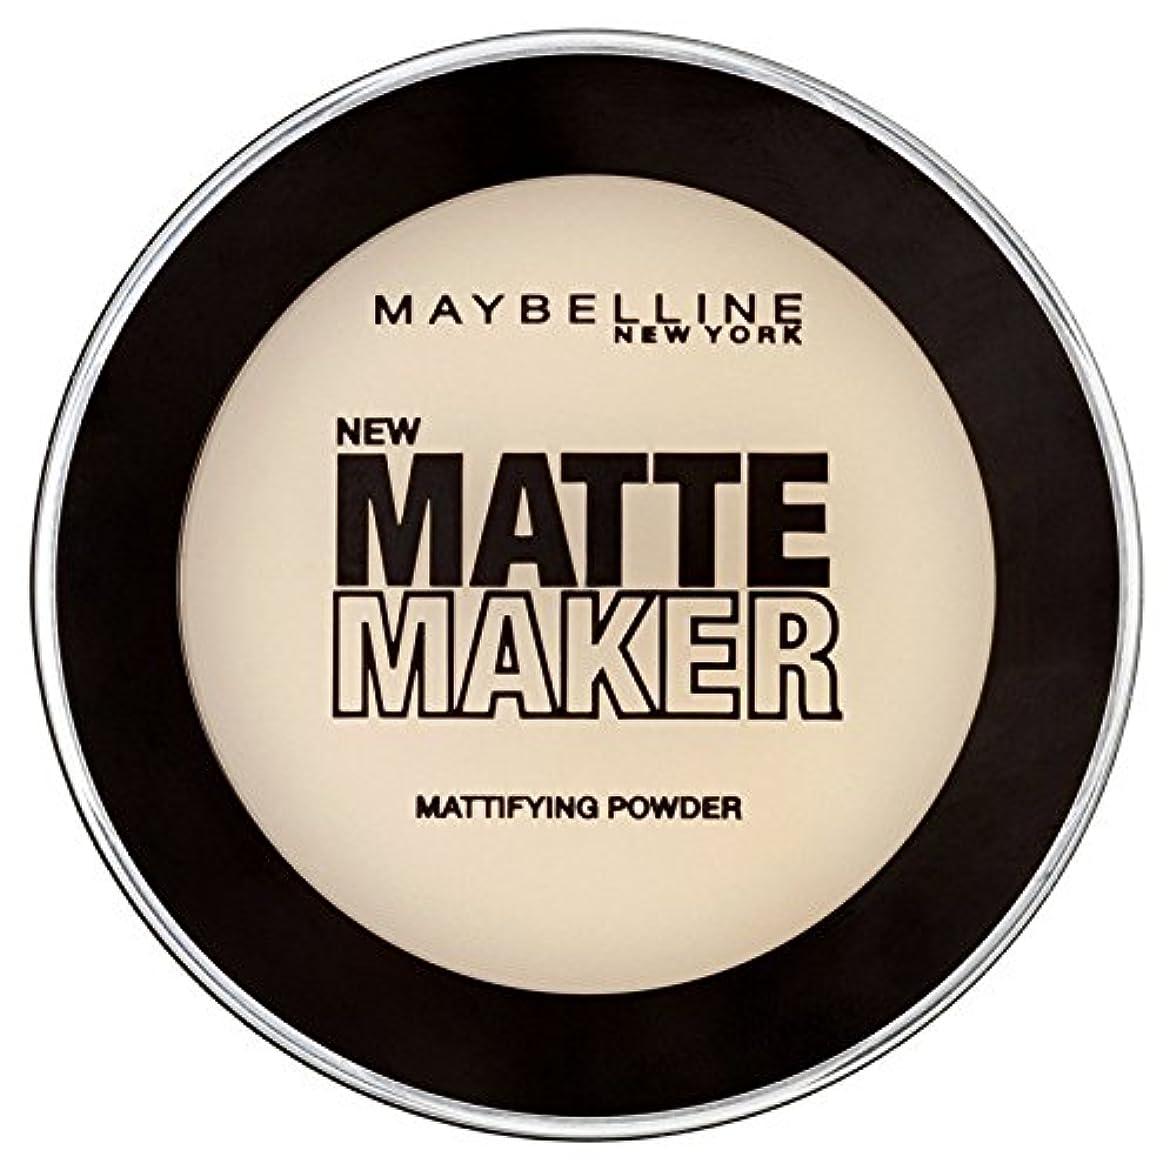 失うチャンス準備Maybelline Powder Matte Maker, Ivory 10 16g - メイベリンパウダーマットメーカー、アイボリー10 16グラム [並行輸入品]